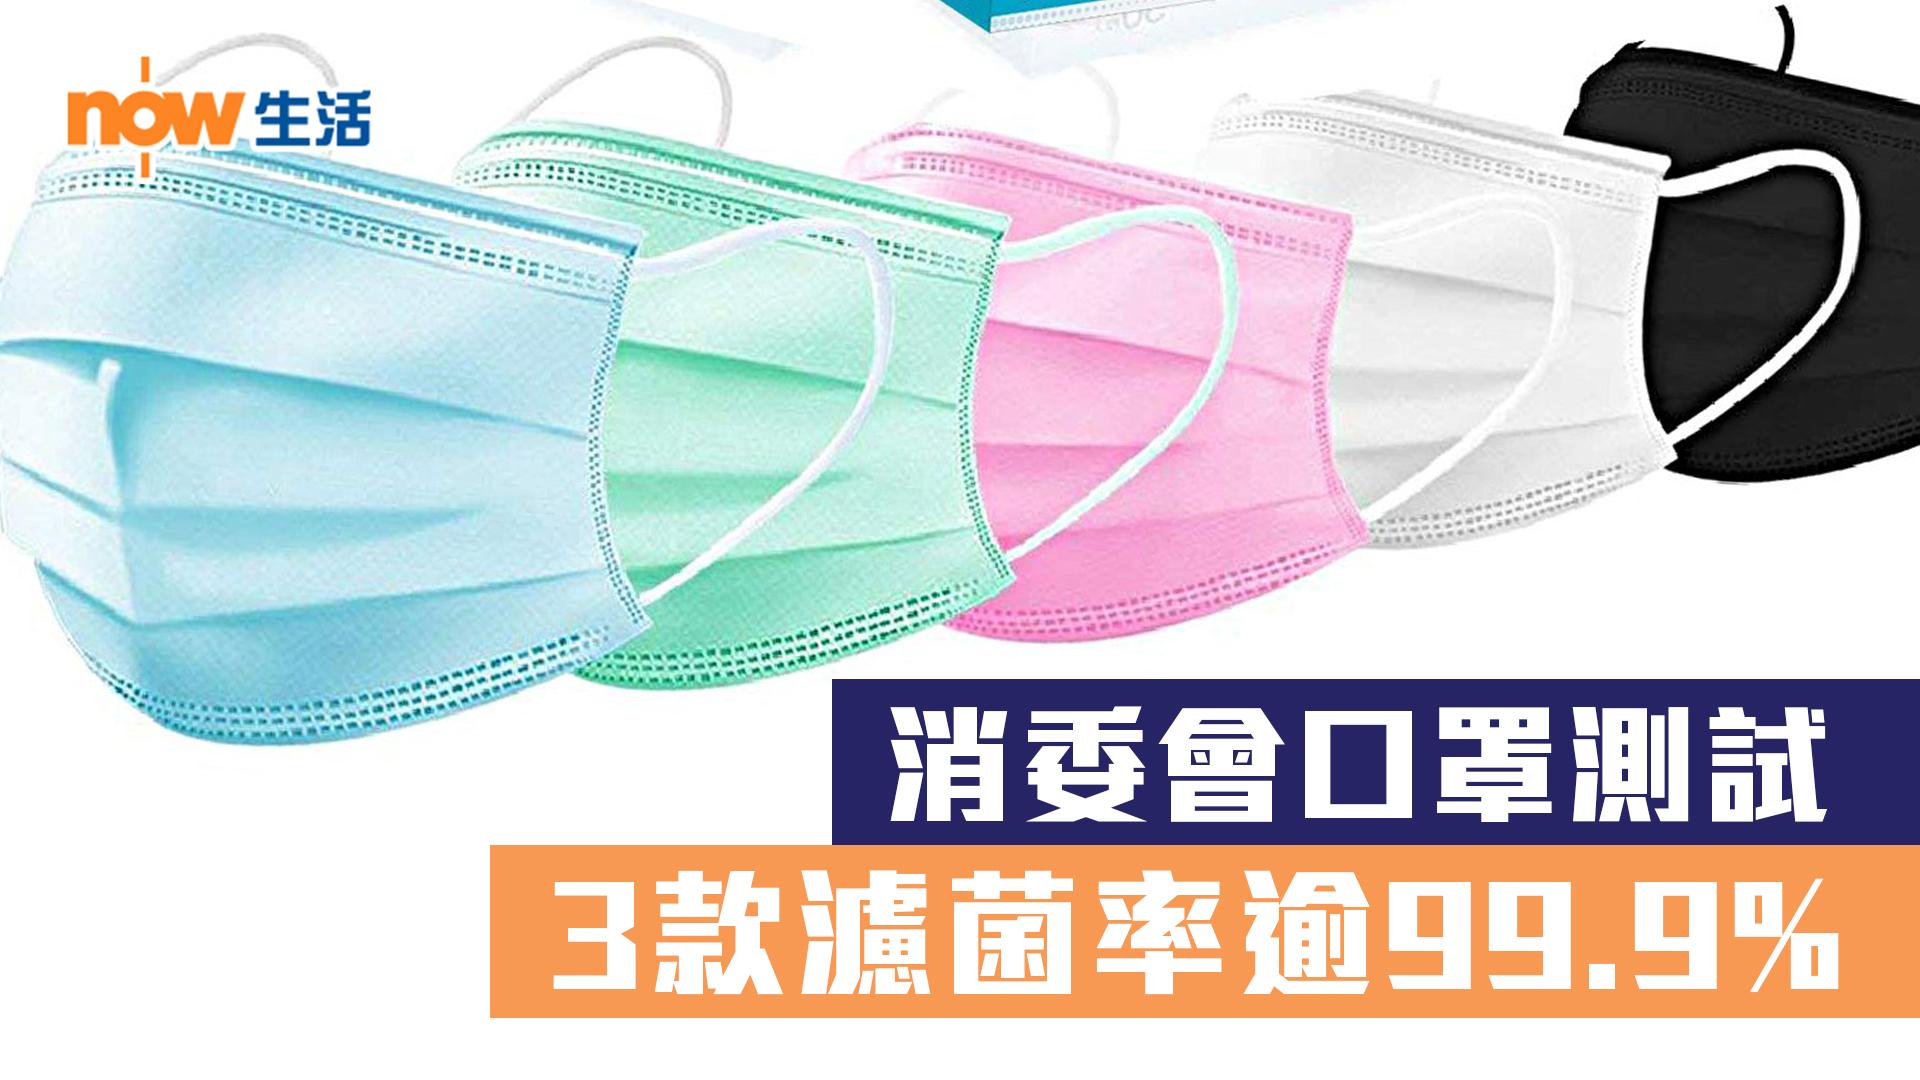 【武漢肺炎】消委會口罩測試 3款濾菌率逾99.9%